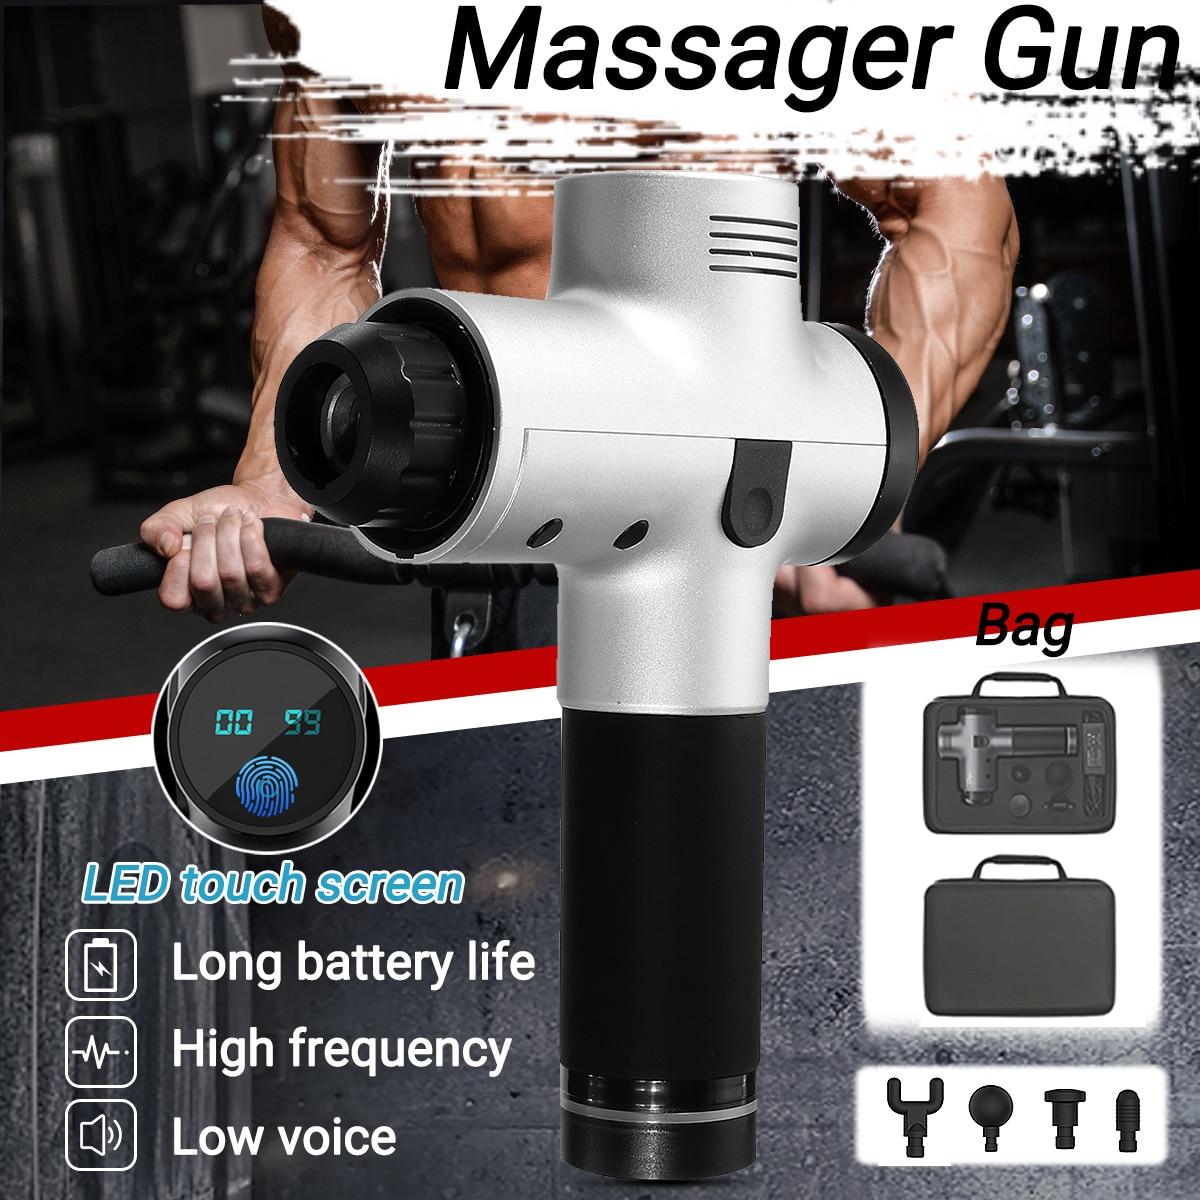 3200r/min 4200r/min 20 Engrenagens Massagem Corporal Terapêutica Eletrônico Arma Armas de Baixo Ruído LEVOU Massagem Músculos Do Corpo relaxante Alívio Da Dor